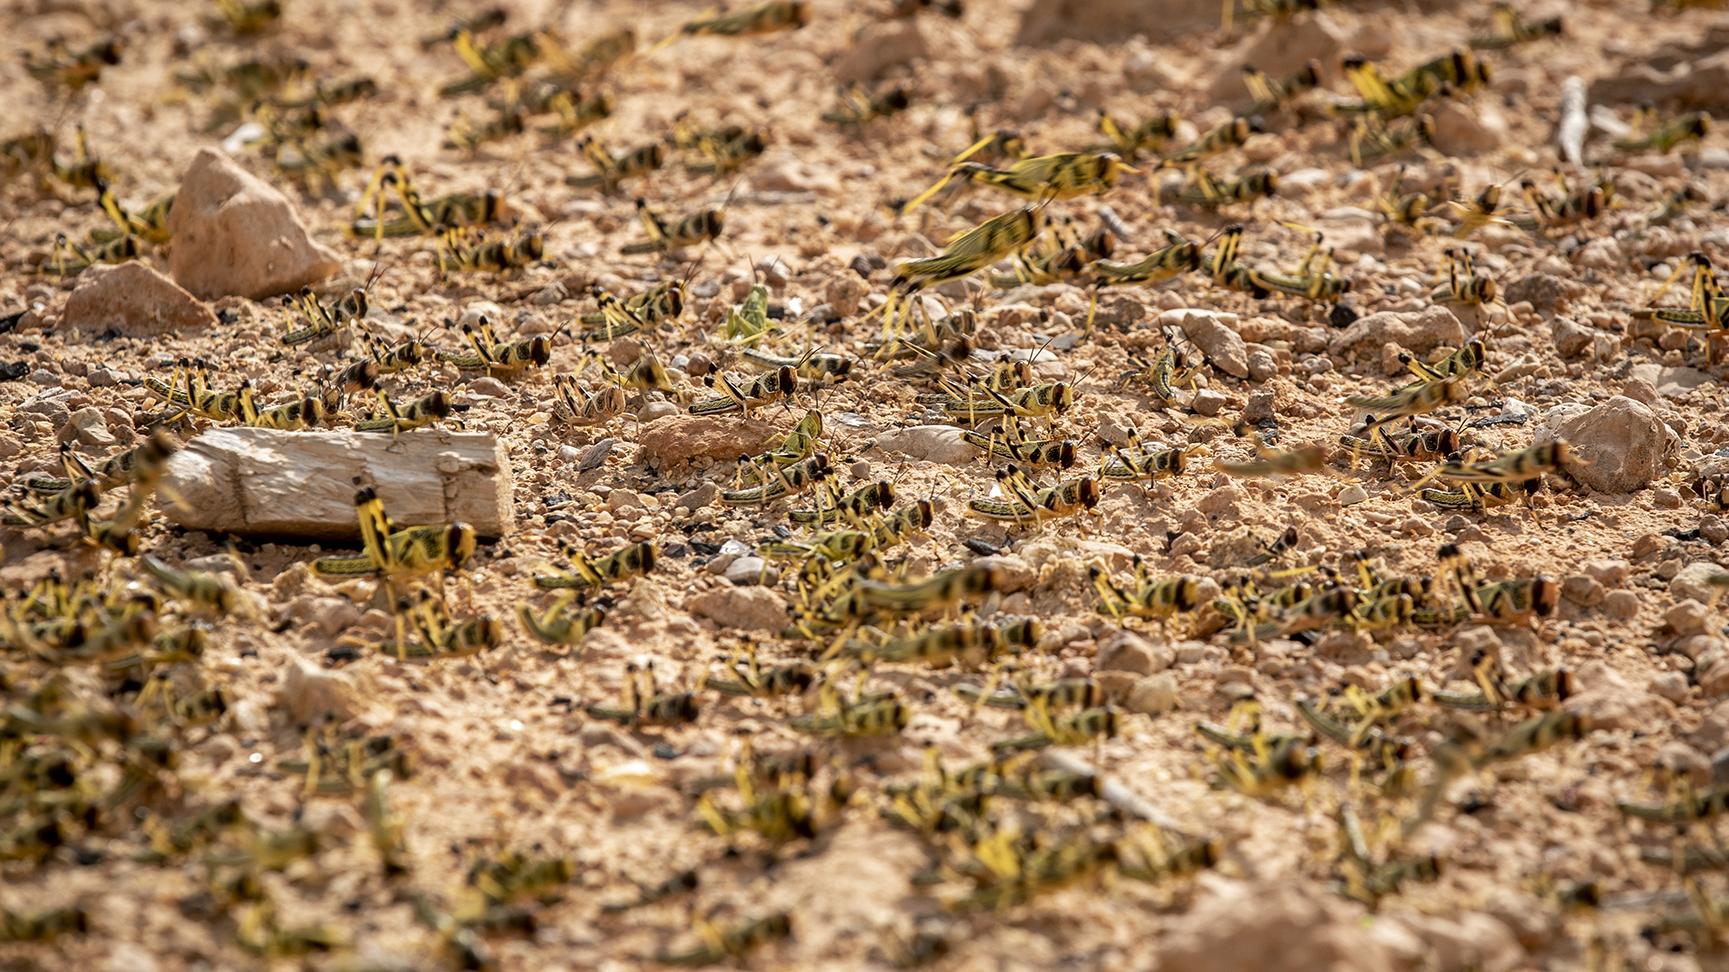 2020年2月5日,联合国粮农组织在非洲索马利亚考察蝗虫灾害。(美联社)